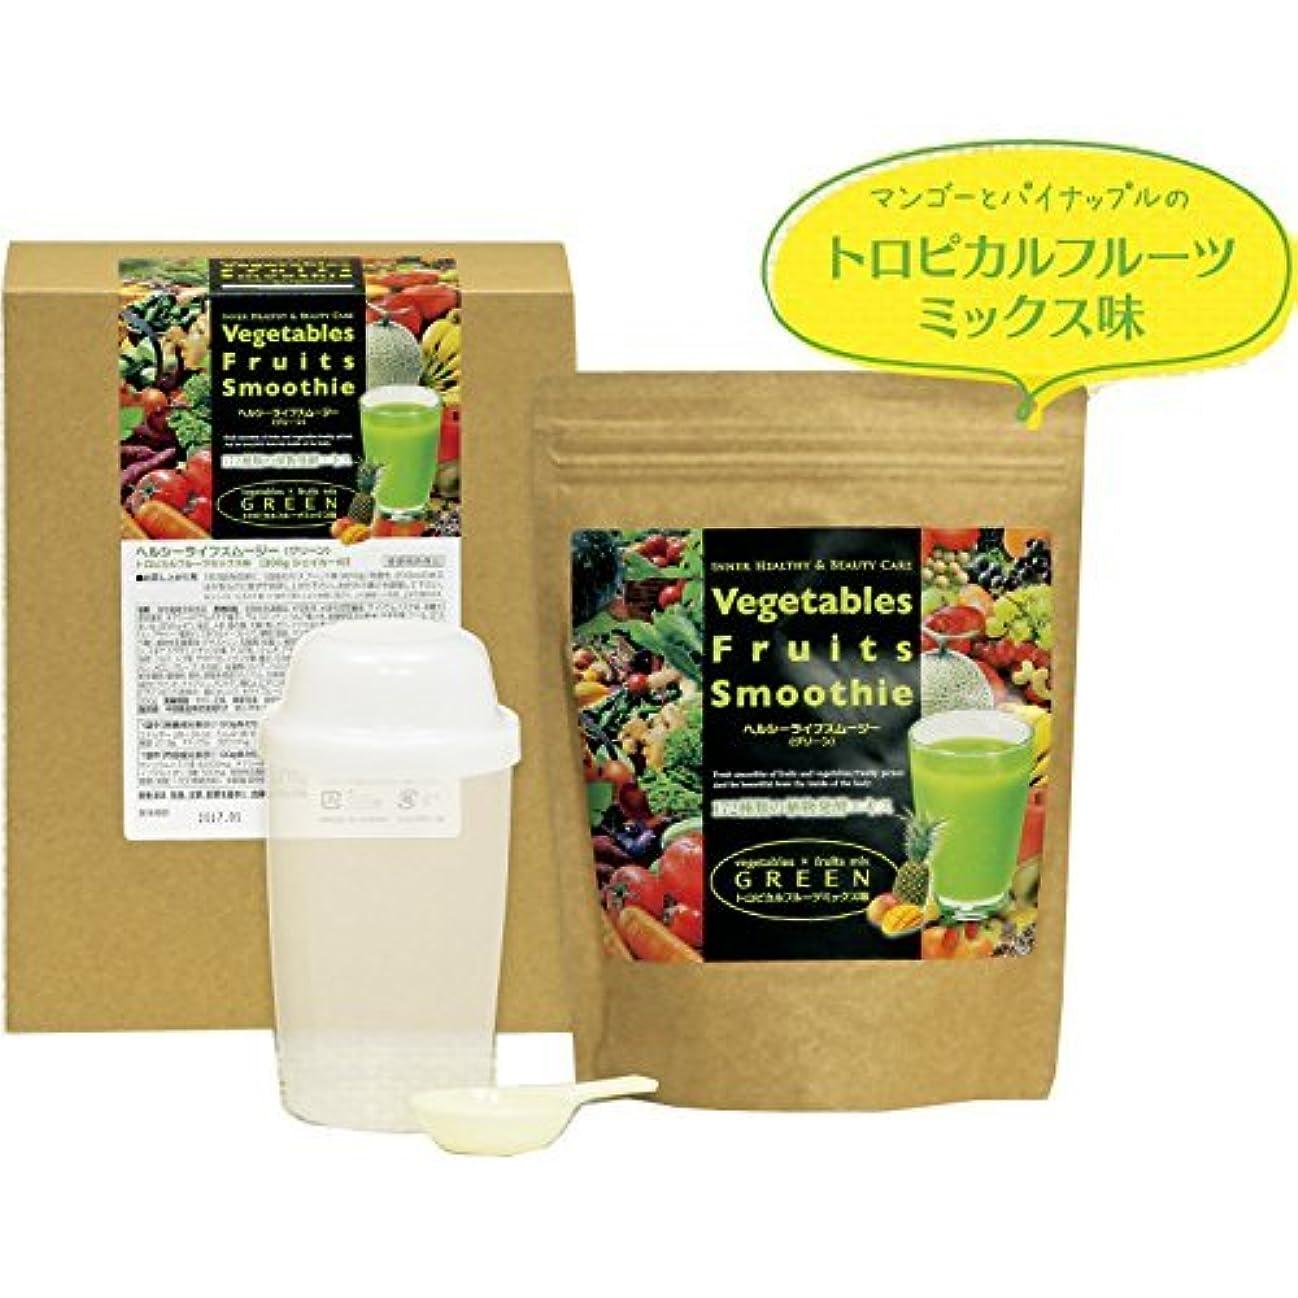 地上のスペイン無許可Vegetables Fruits Smoothie ヘルシーライフスムージー(グリーン)トロピカルフルーツミックス味(300g シェイカー付) 日本製